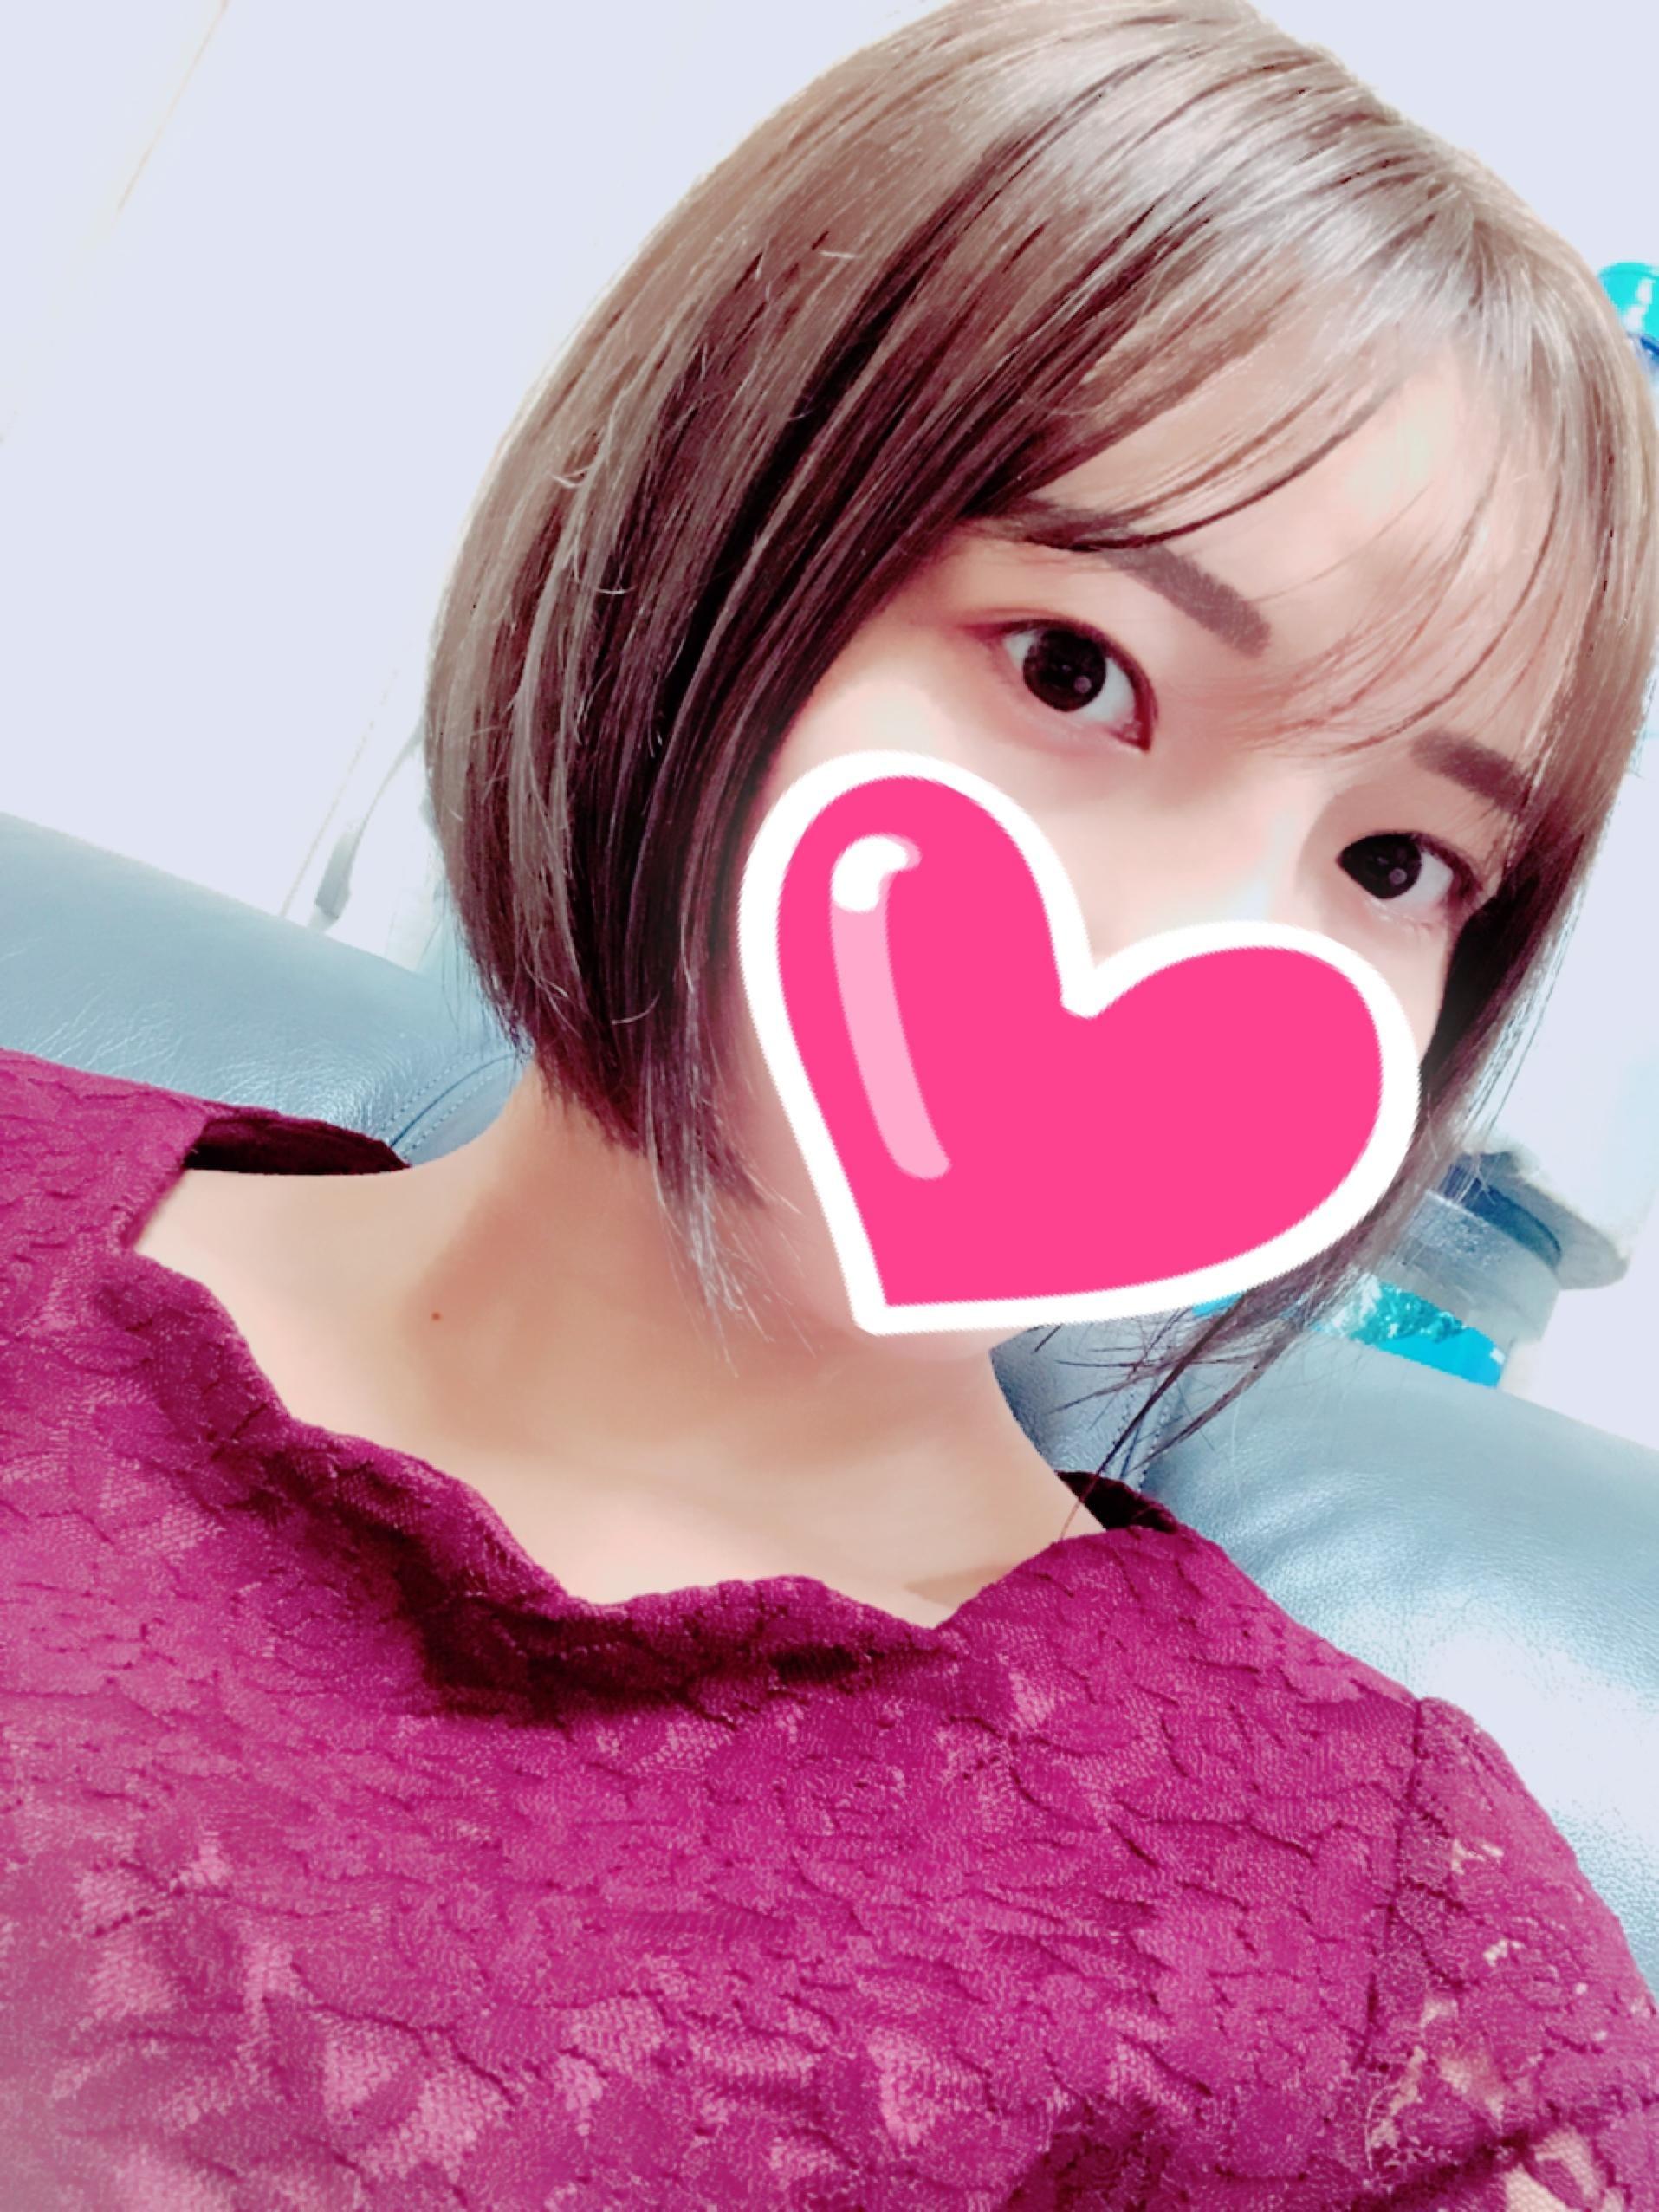 「ねむねむ…☆」09/17(09/17) 05:19   みれいの写メ・風俗動画